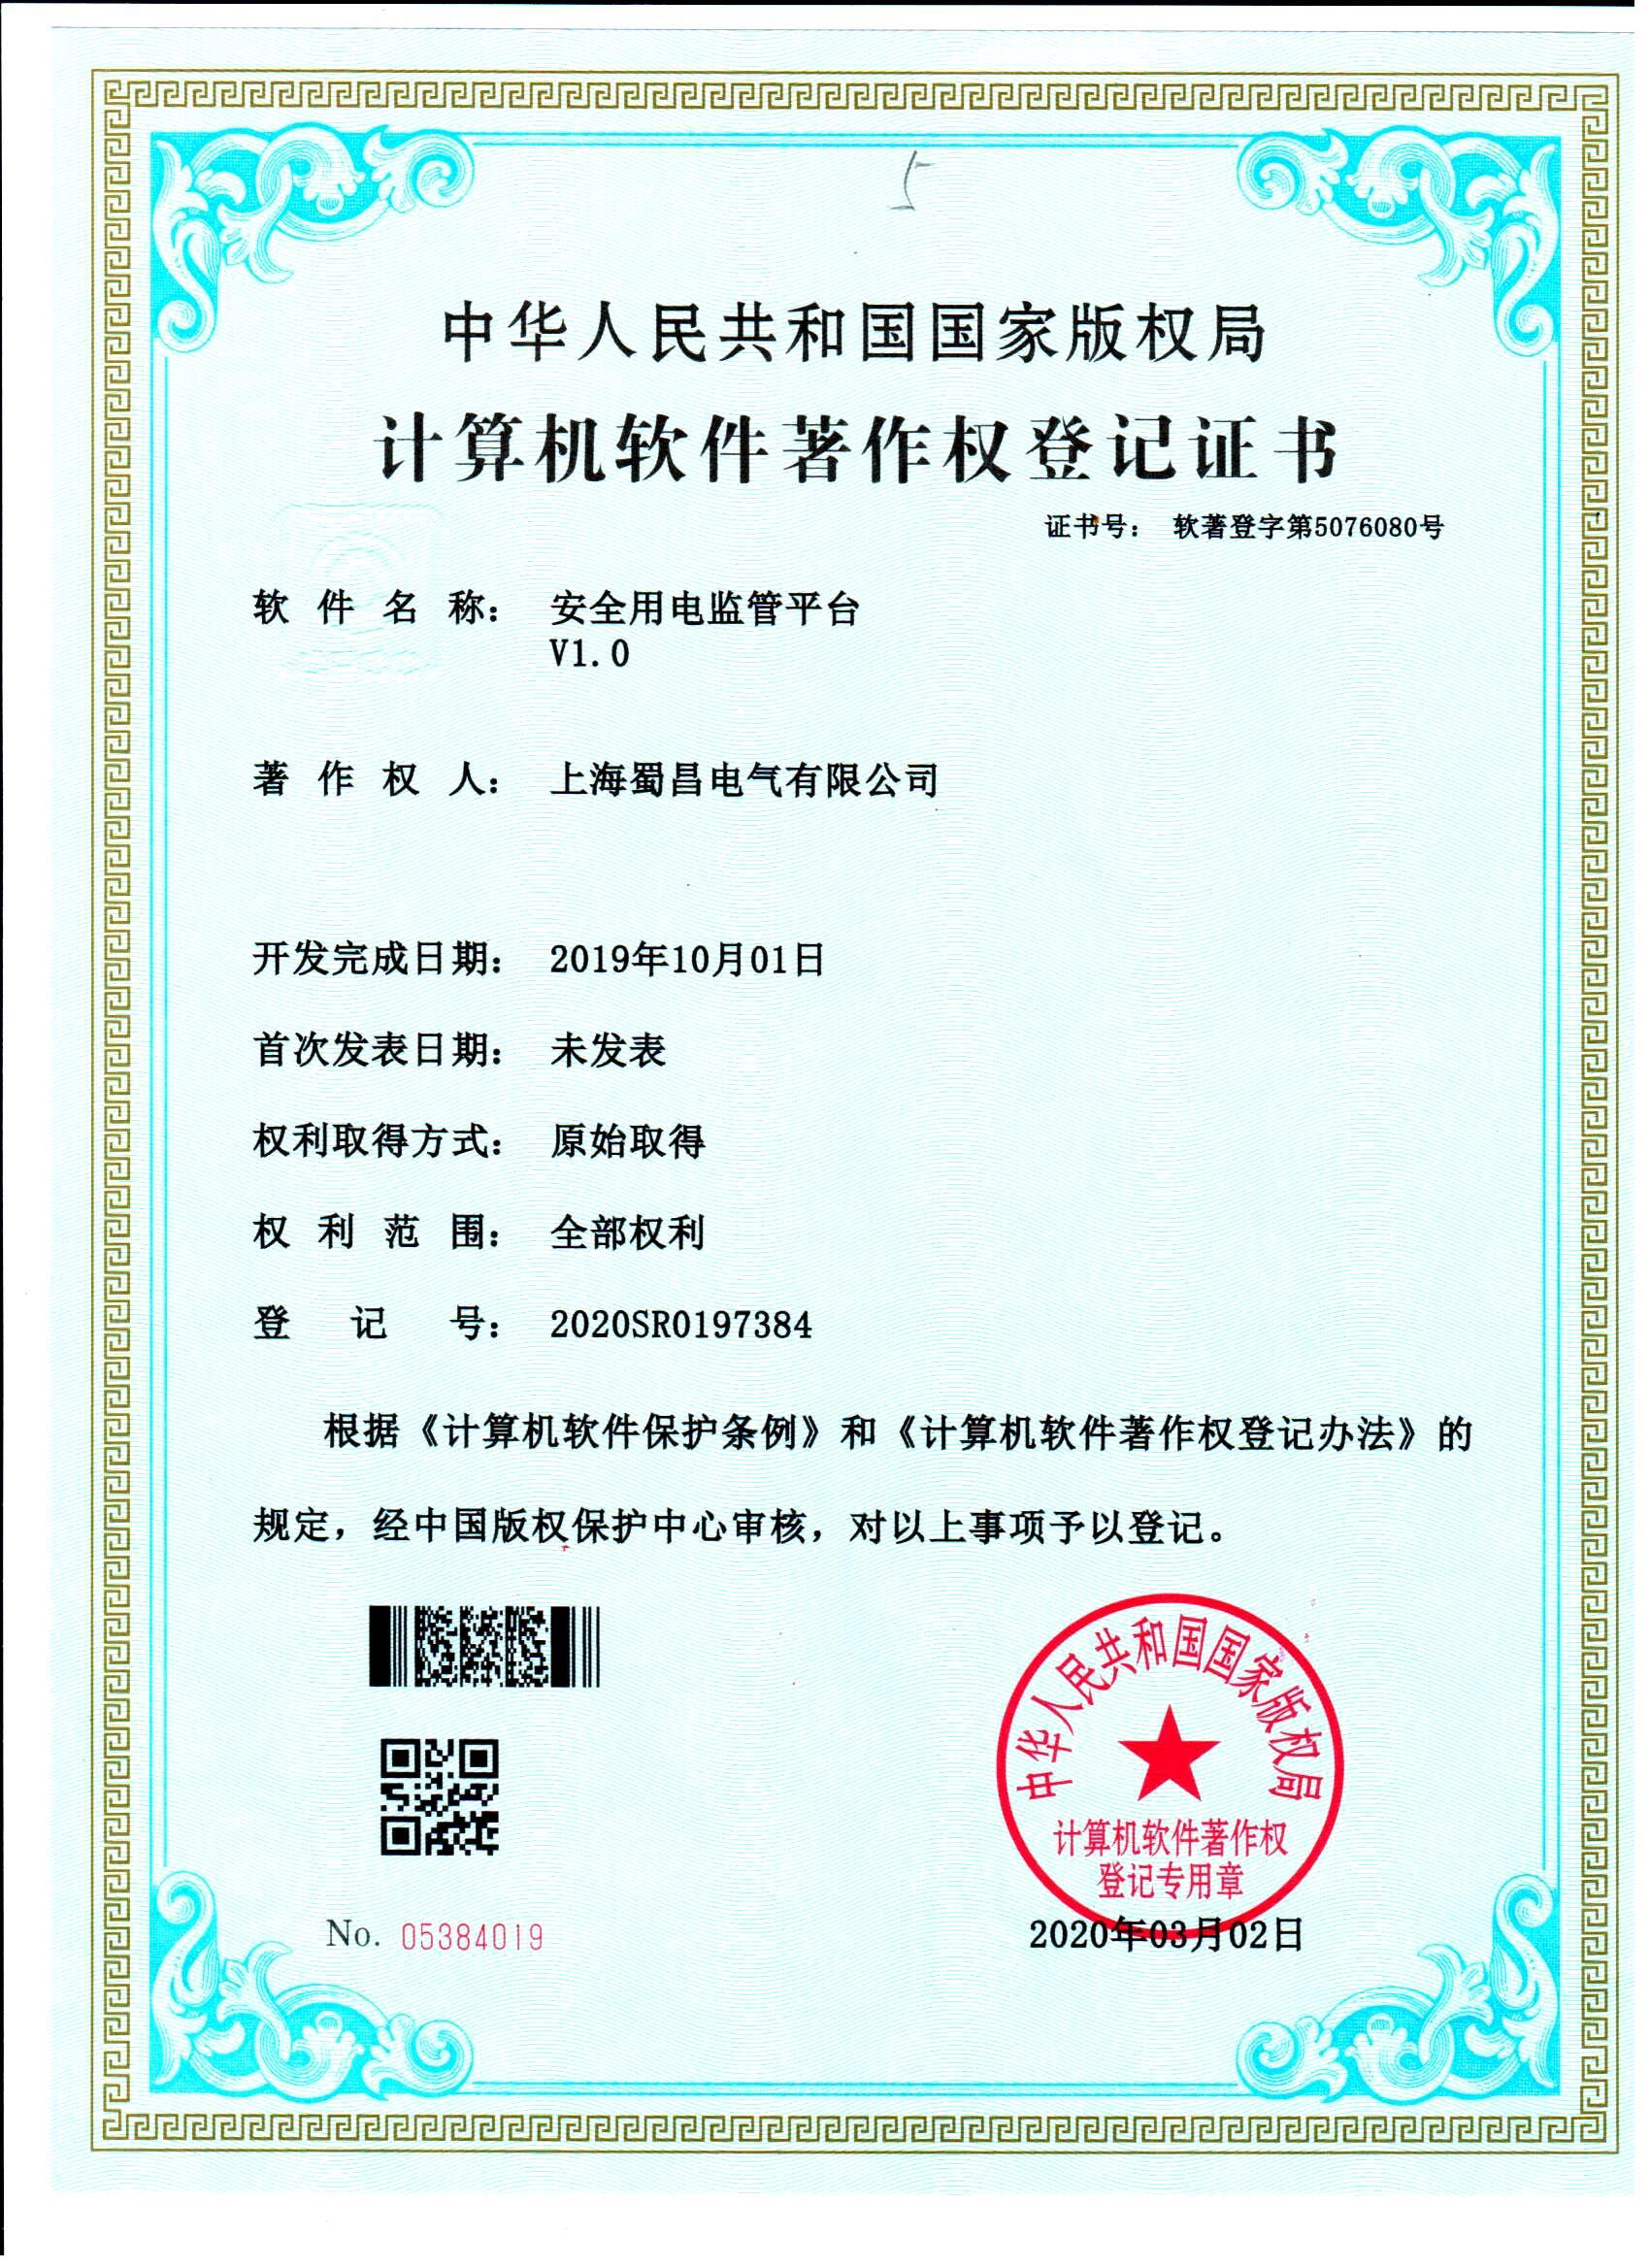 计算机软件著作权登记证书 安全用电监管平台.jpg